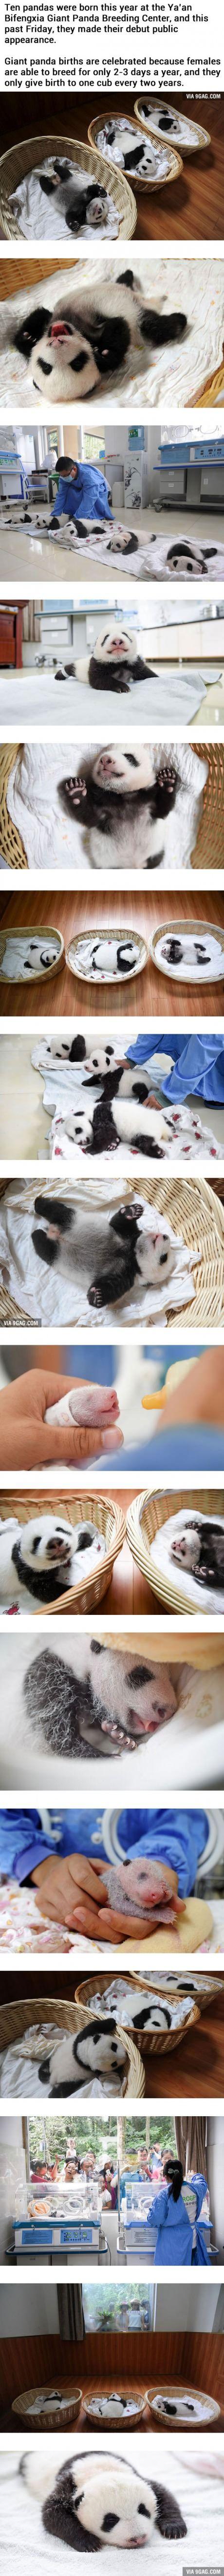 Newborn Panda Babies Say Their First Hello At Chinese Panda Breeding Center | kenapa kaya babi -__-